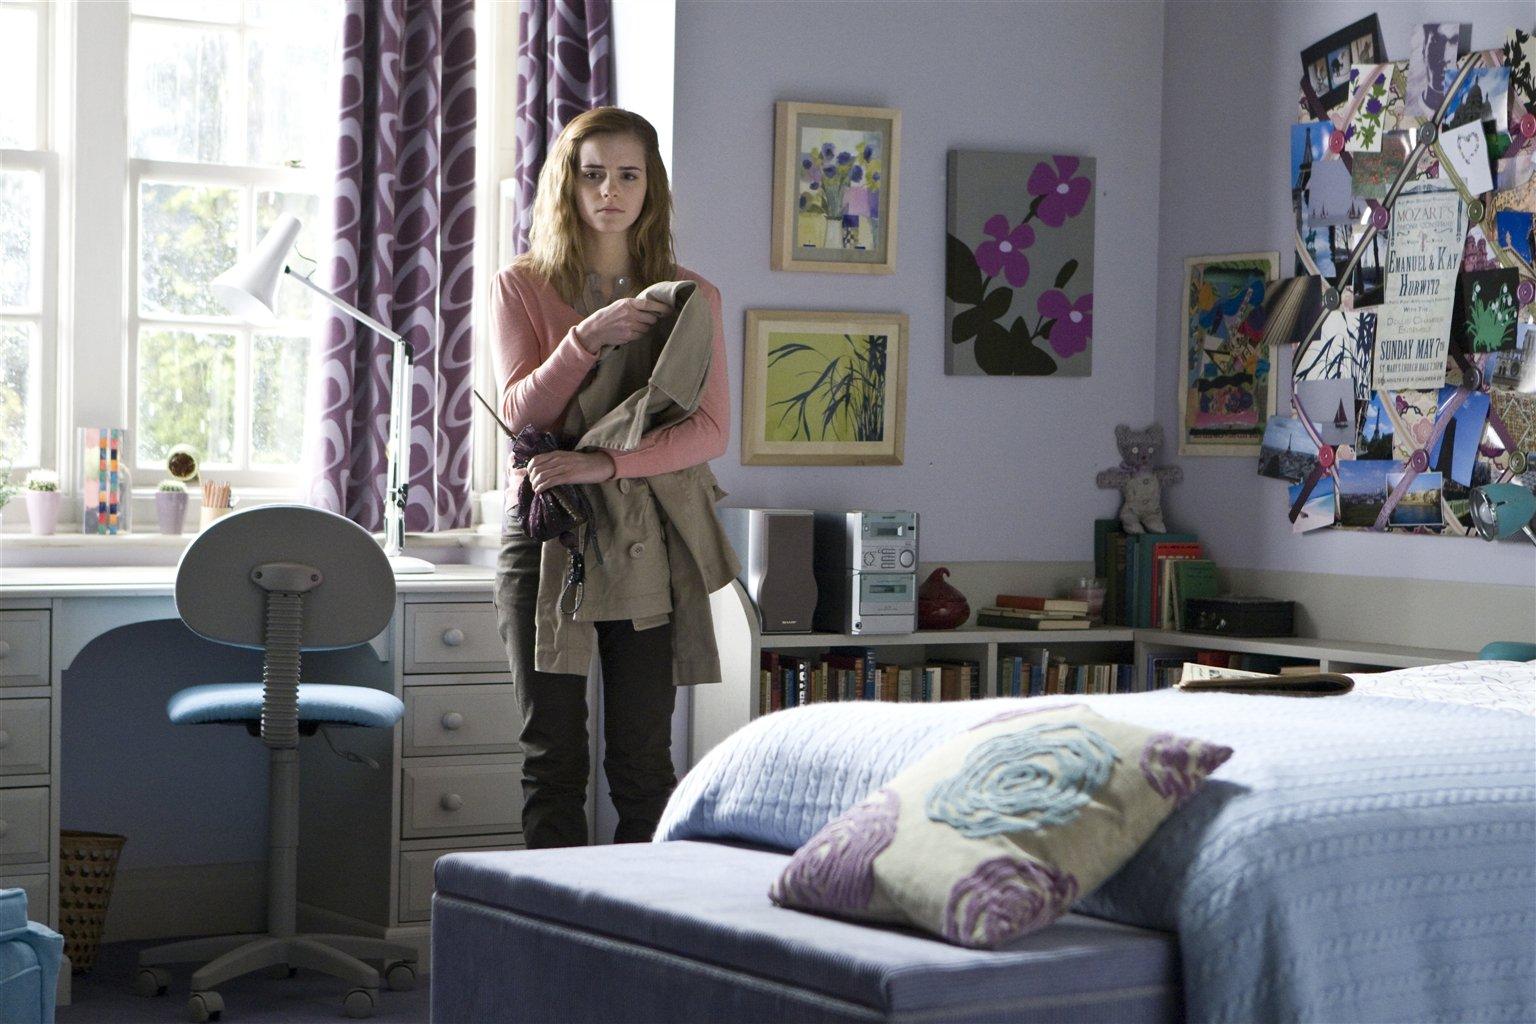 Harry Potter Bedroom Set  19  Image HermioneBedroom Jpg Harry Potter  Wiki Fandom Powered. Harry Potter Bedroom Set   Eddiemcgrady com